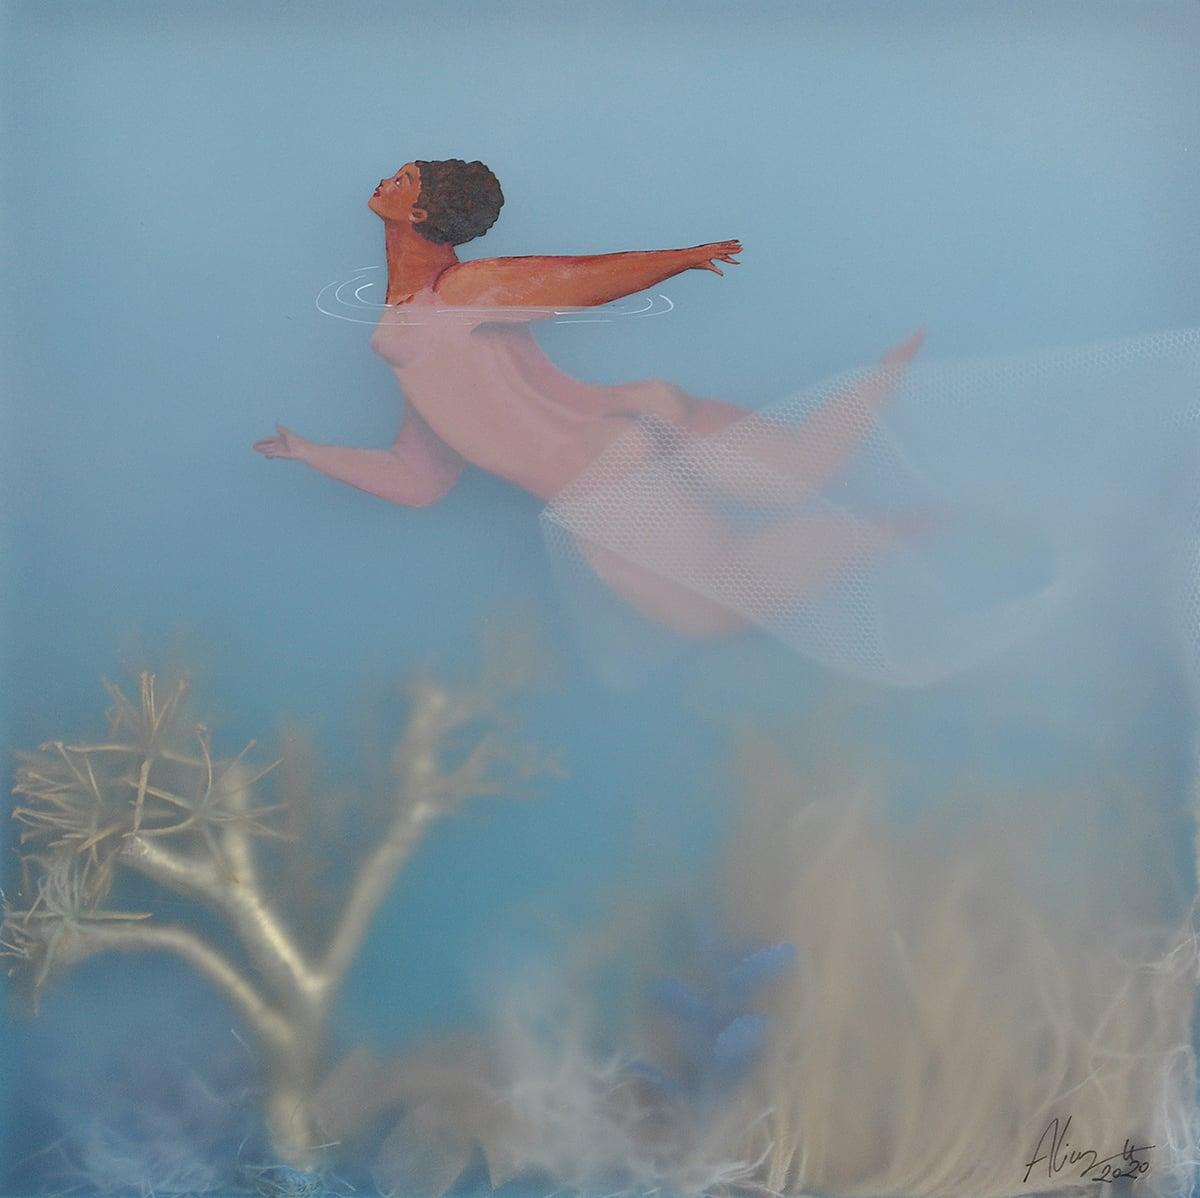 sonia alins mar en calma obra mujeres en agua nadadora en el paraiso